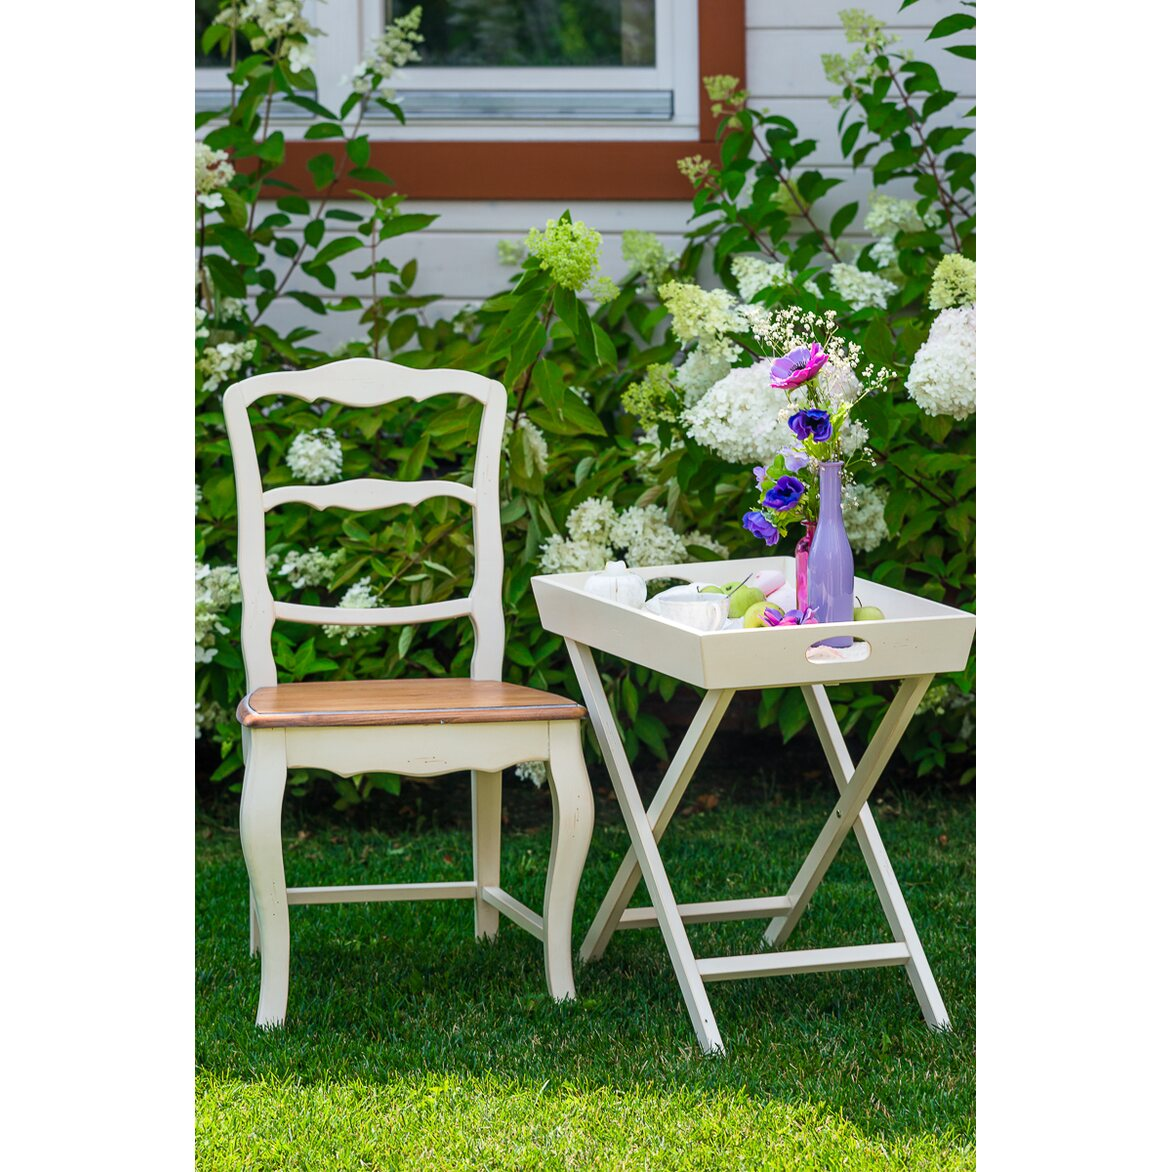 Раскладной столик Leontina, бежевого цвета 2 | Кофейные столики Kingsby